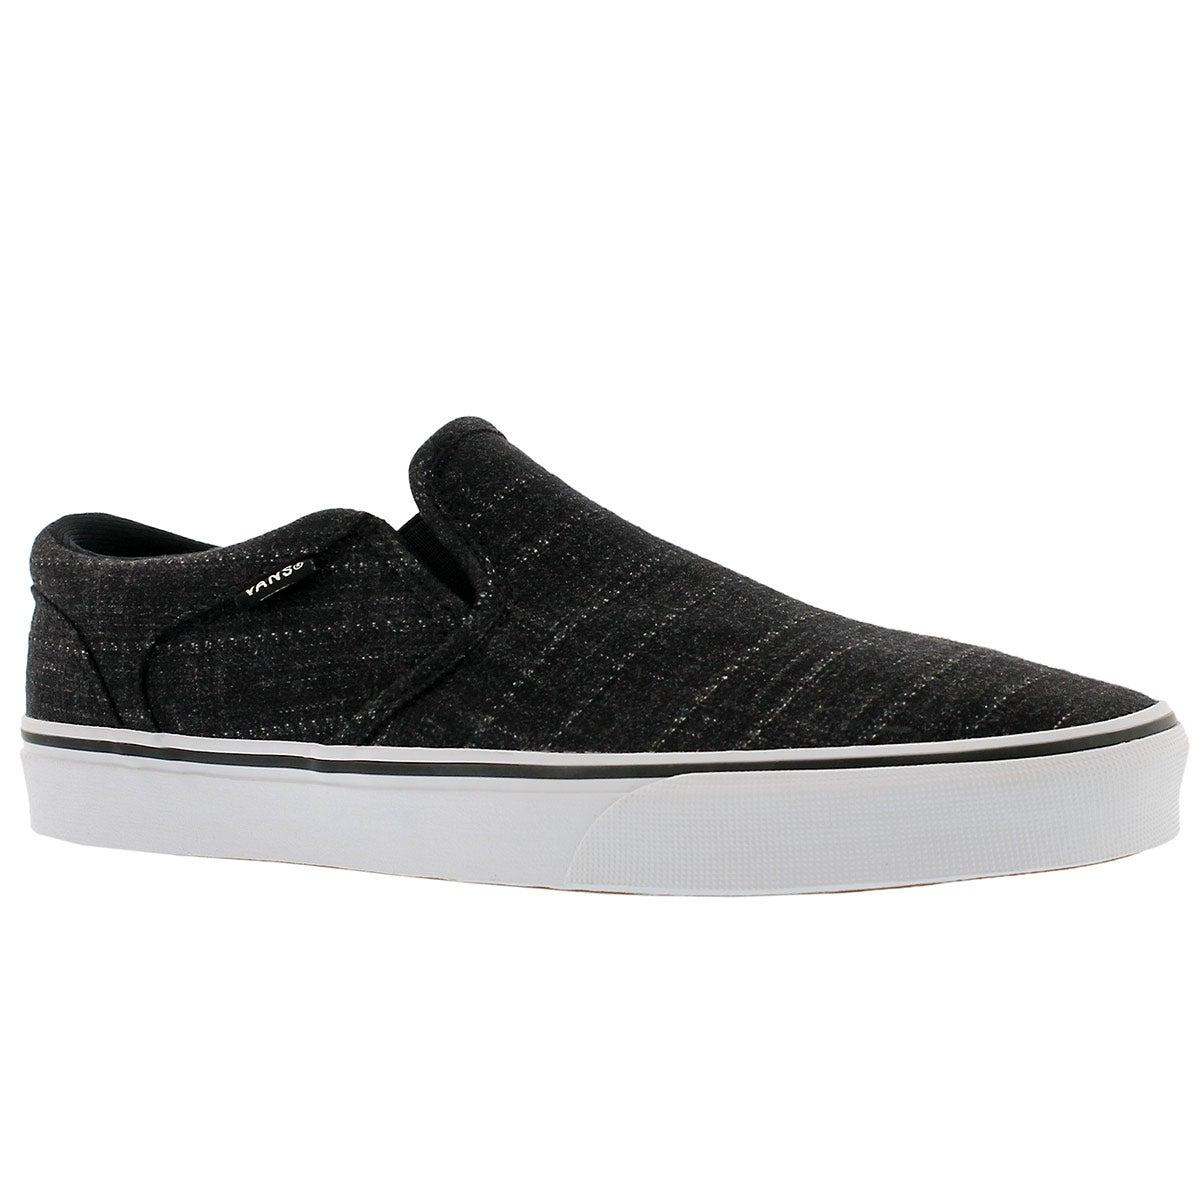 Men's ASHER black/white slip on sneakers